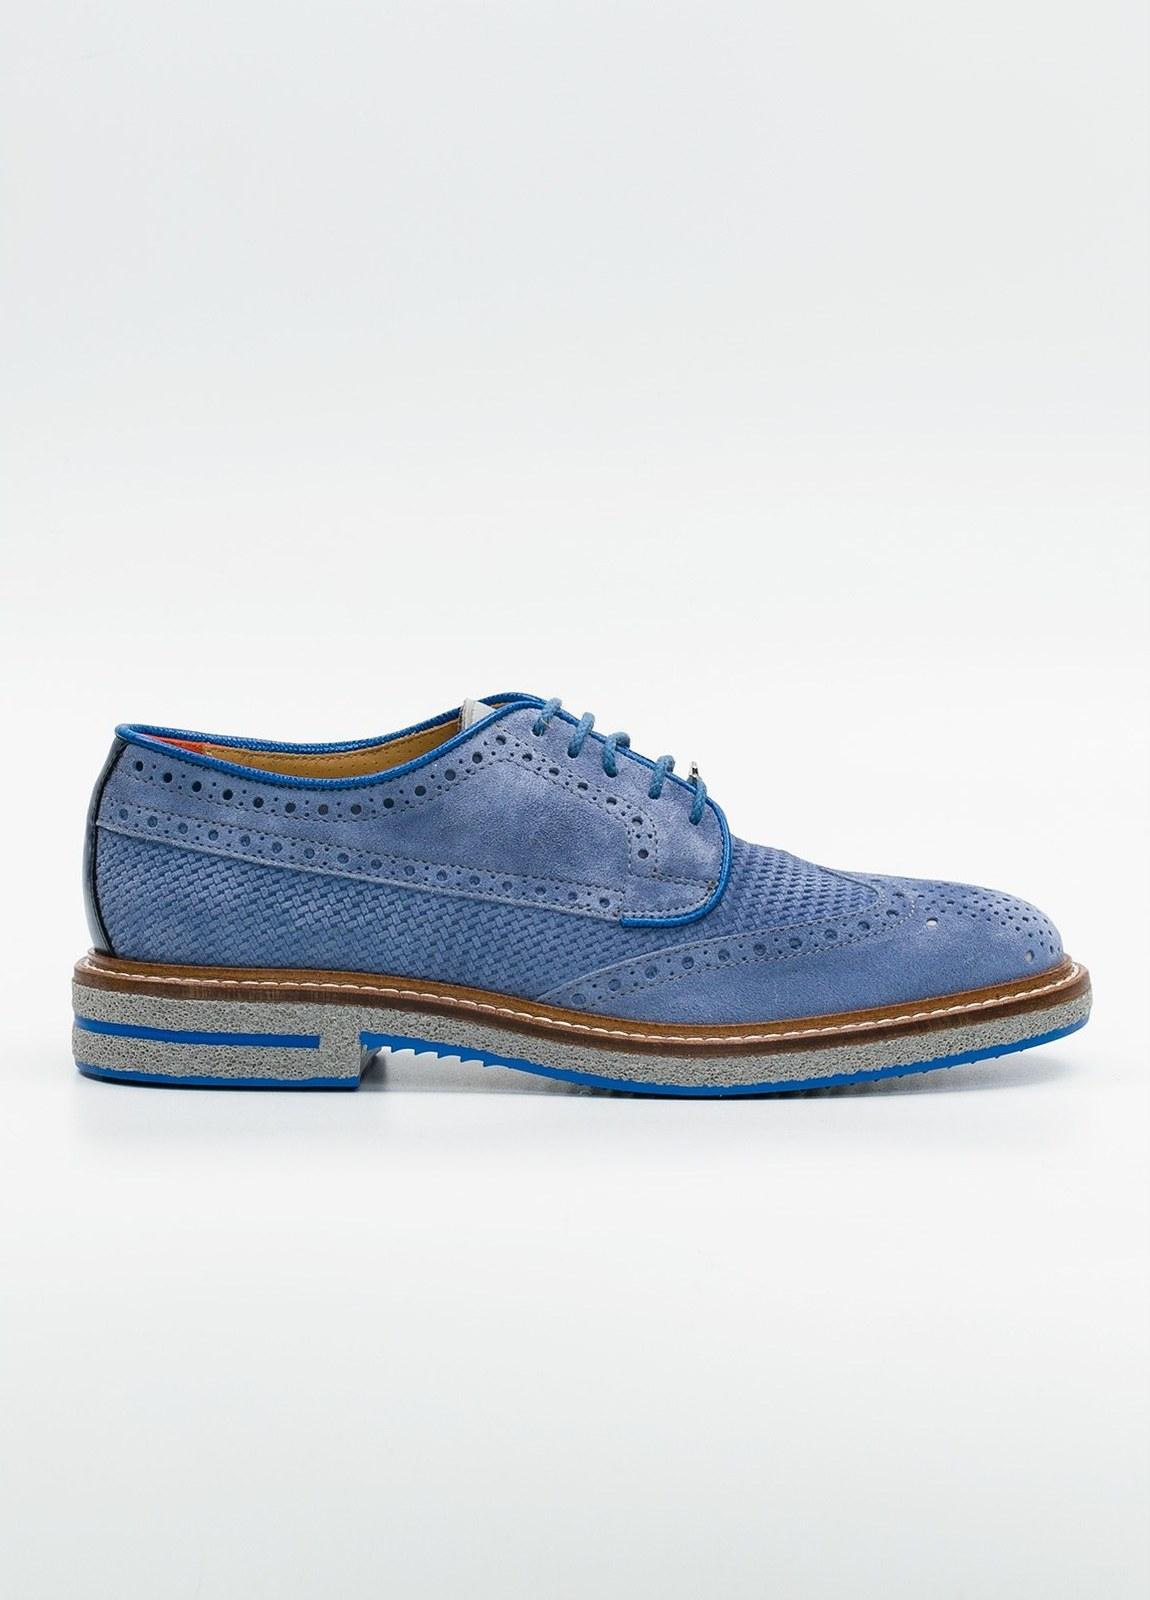 Zapato Formal Wear color azul suela gris, 100% Ante.